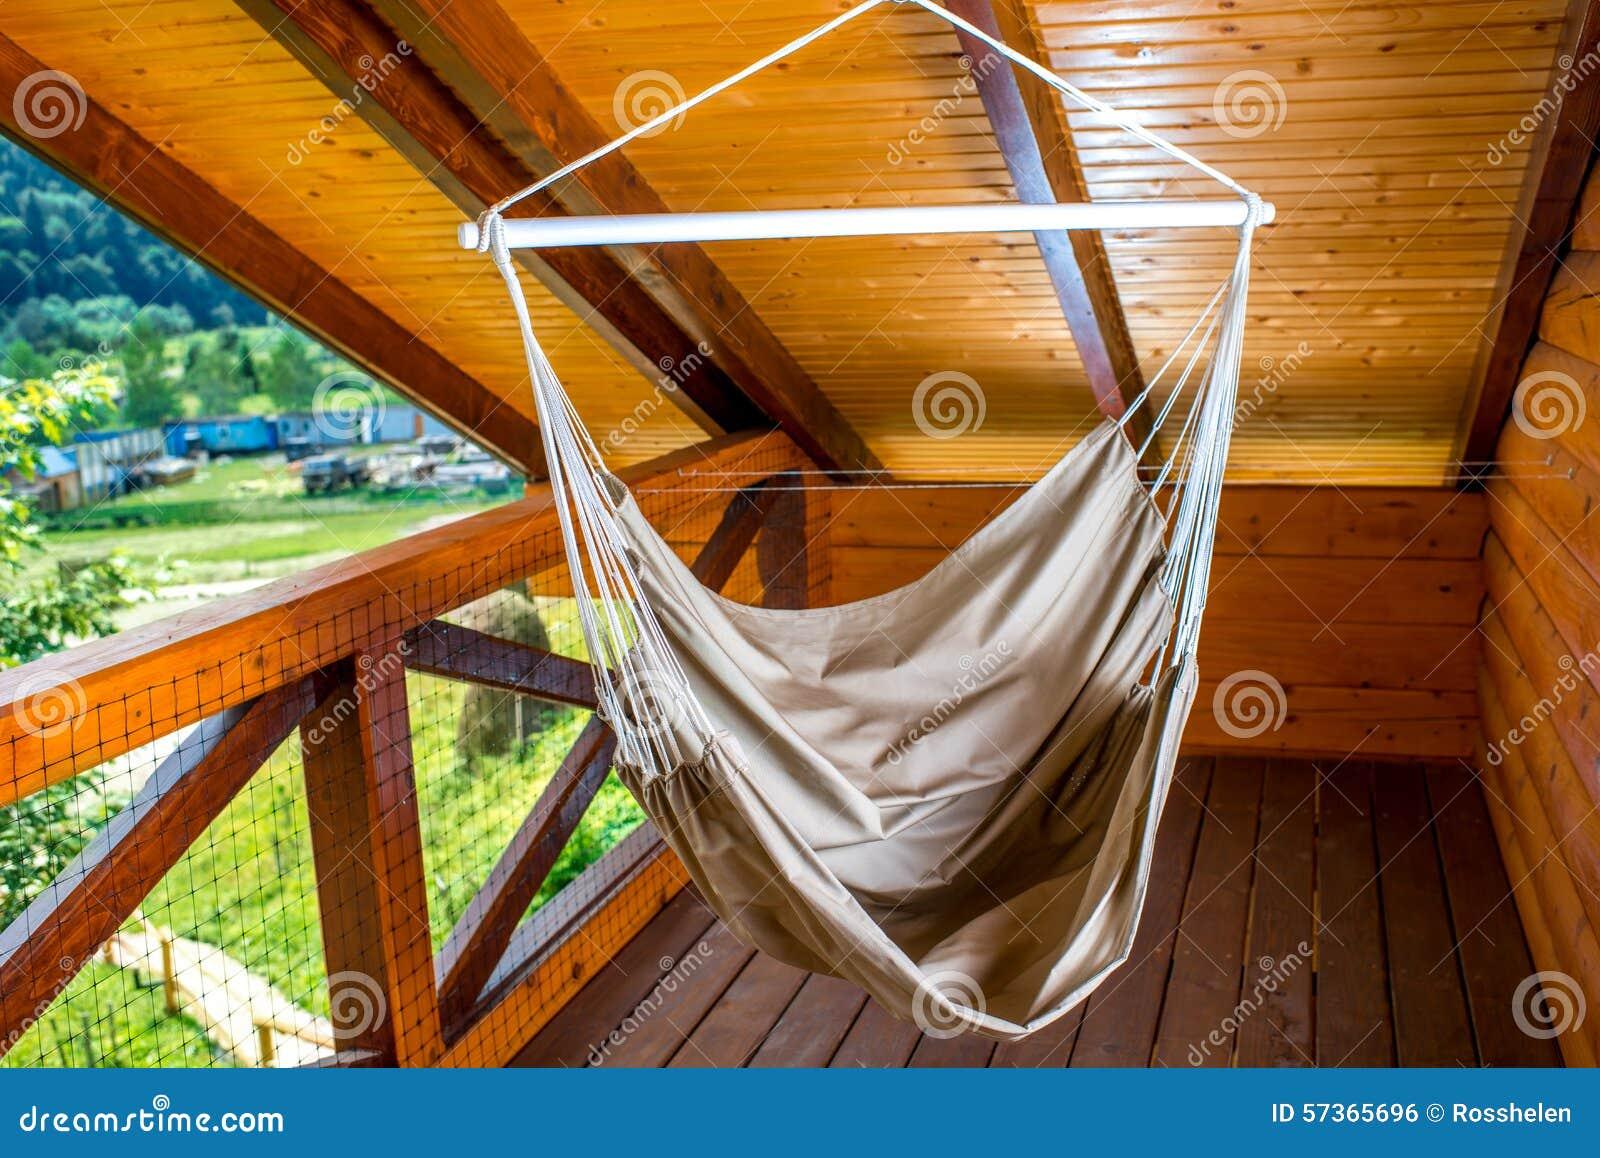 Hangmat Voor Op Balkon.Hangmat Op Het Balkon Stock Foto Afbeelding Bestaande Uit Grijs